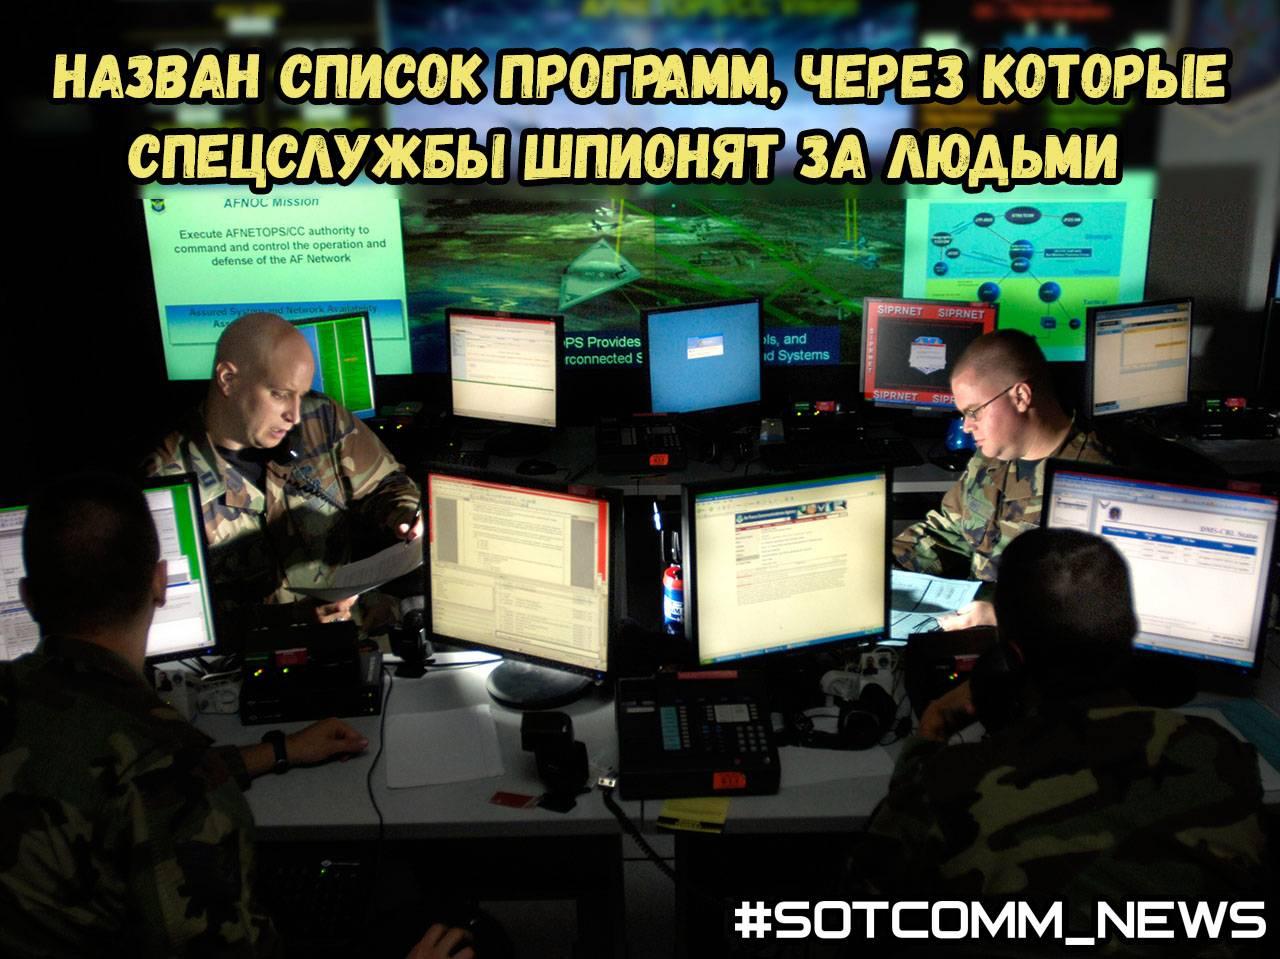 Назван список программ, через которые спецслужбы шпионят за людьми